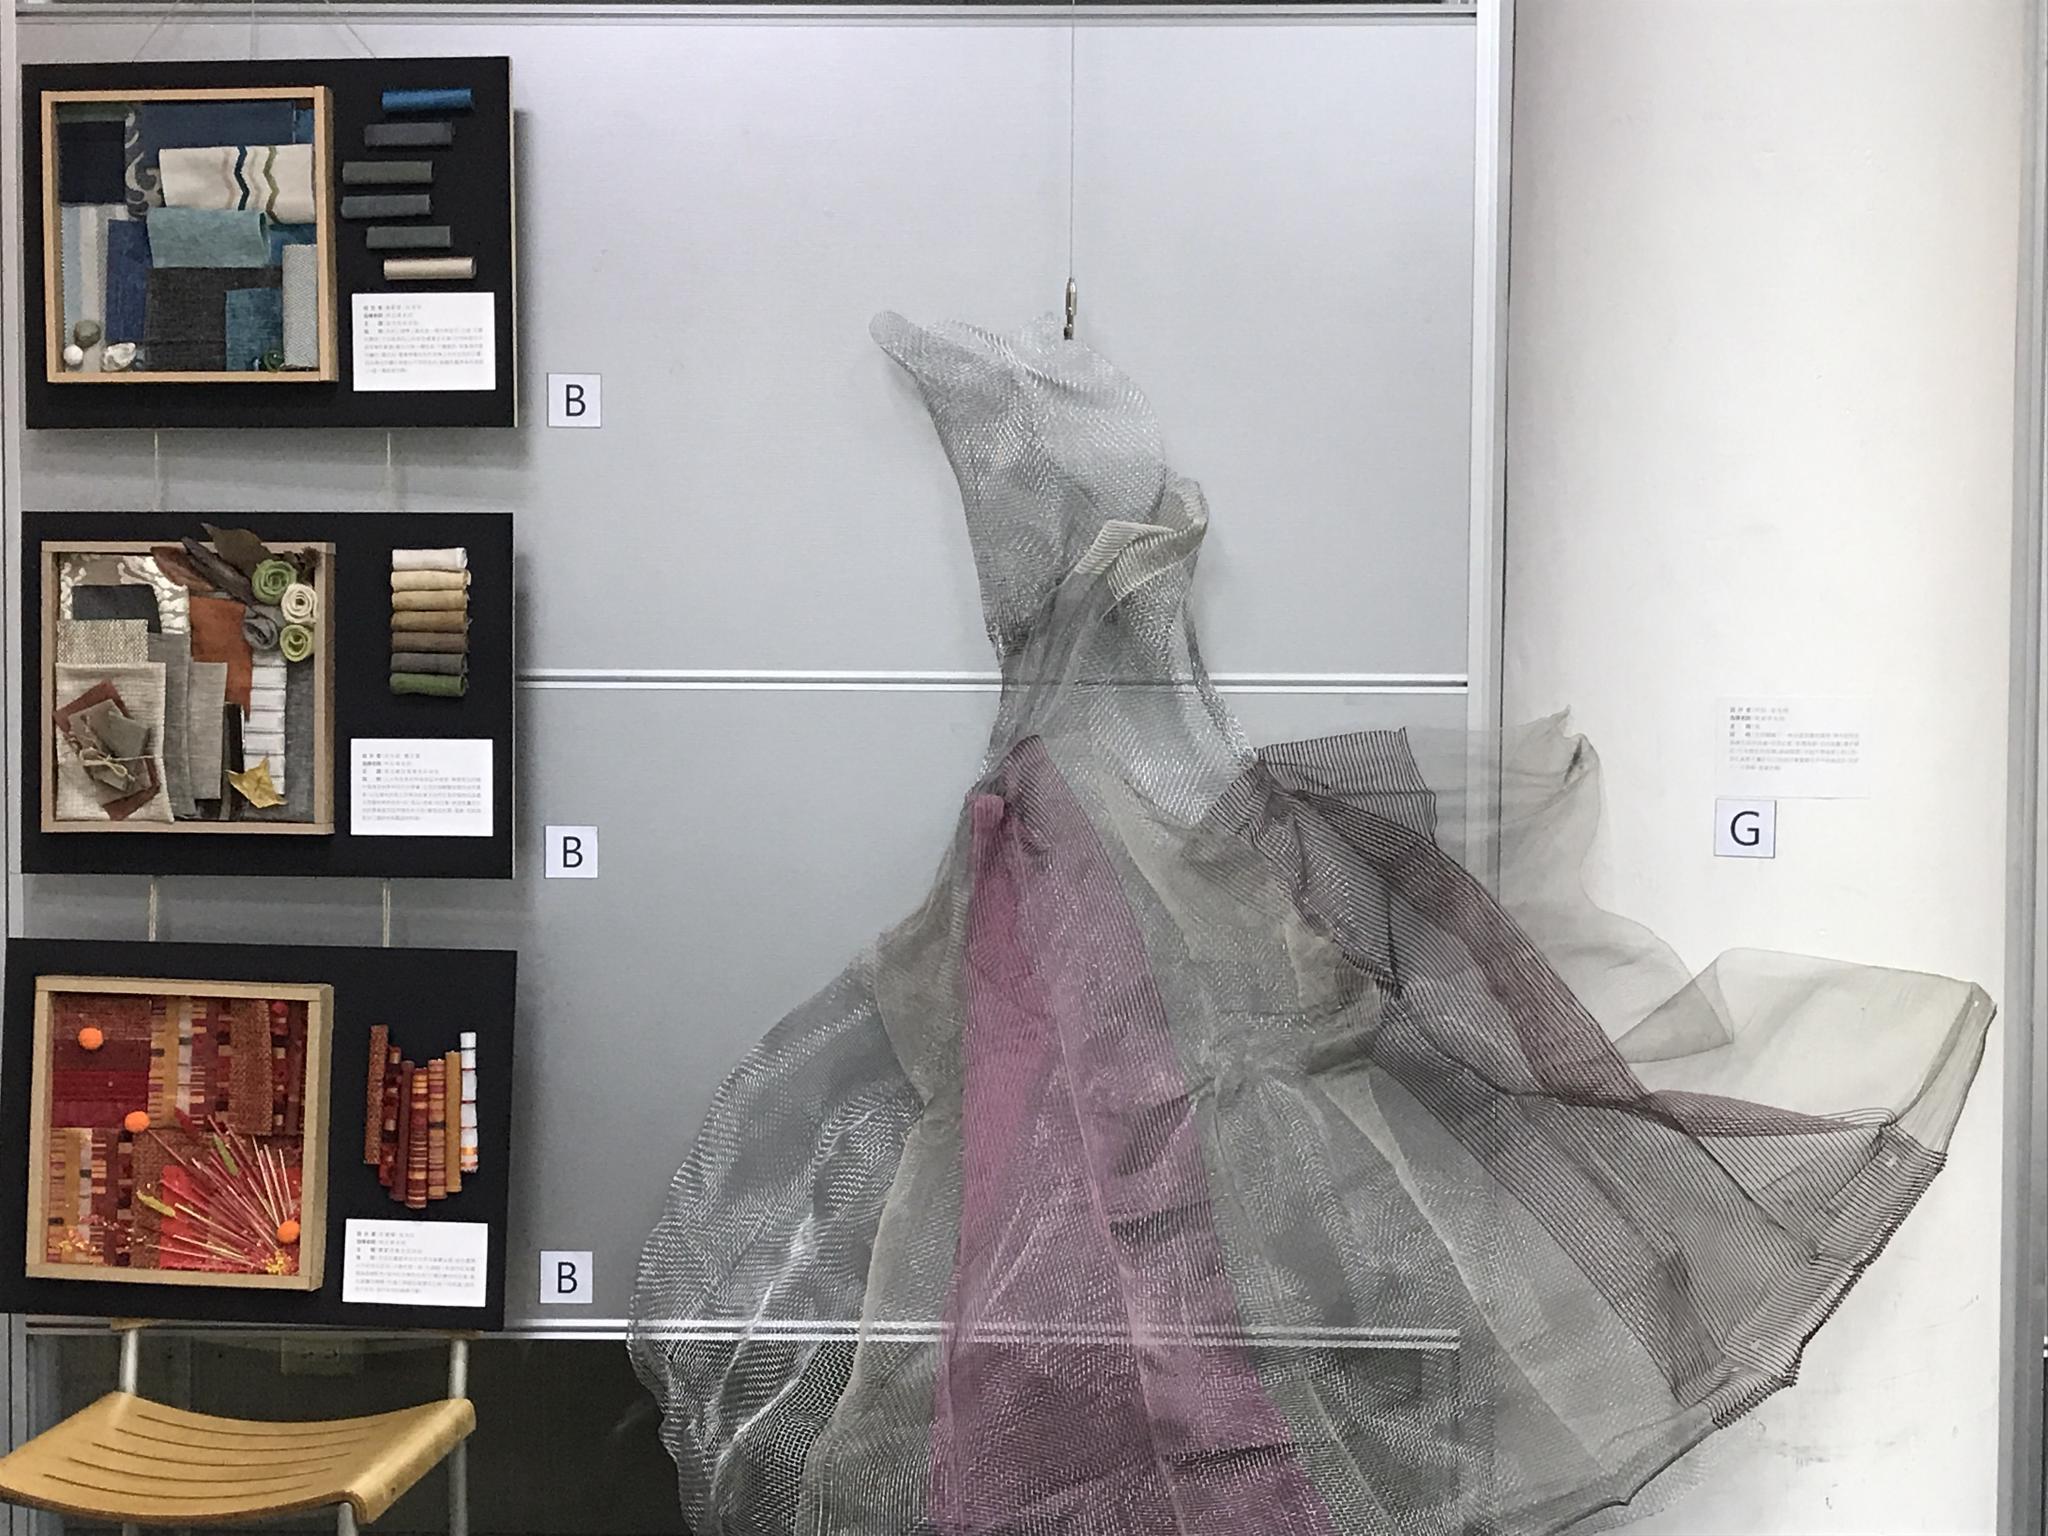 通稿照片6-中原室設與安德利集團合作,學生利用布料淘汰品展現多樣的設計創意作品。.JPG